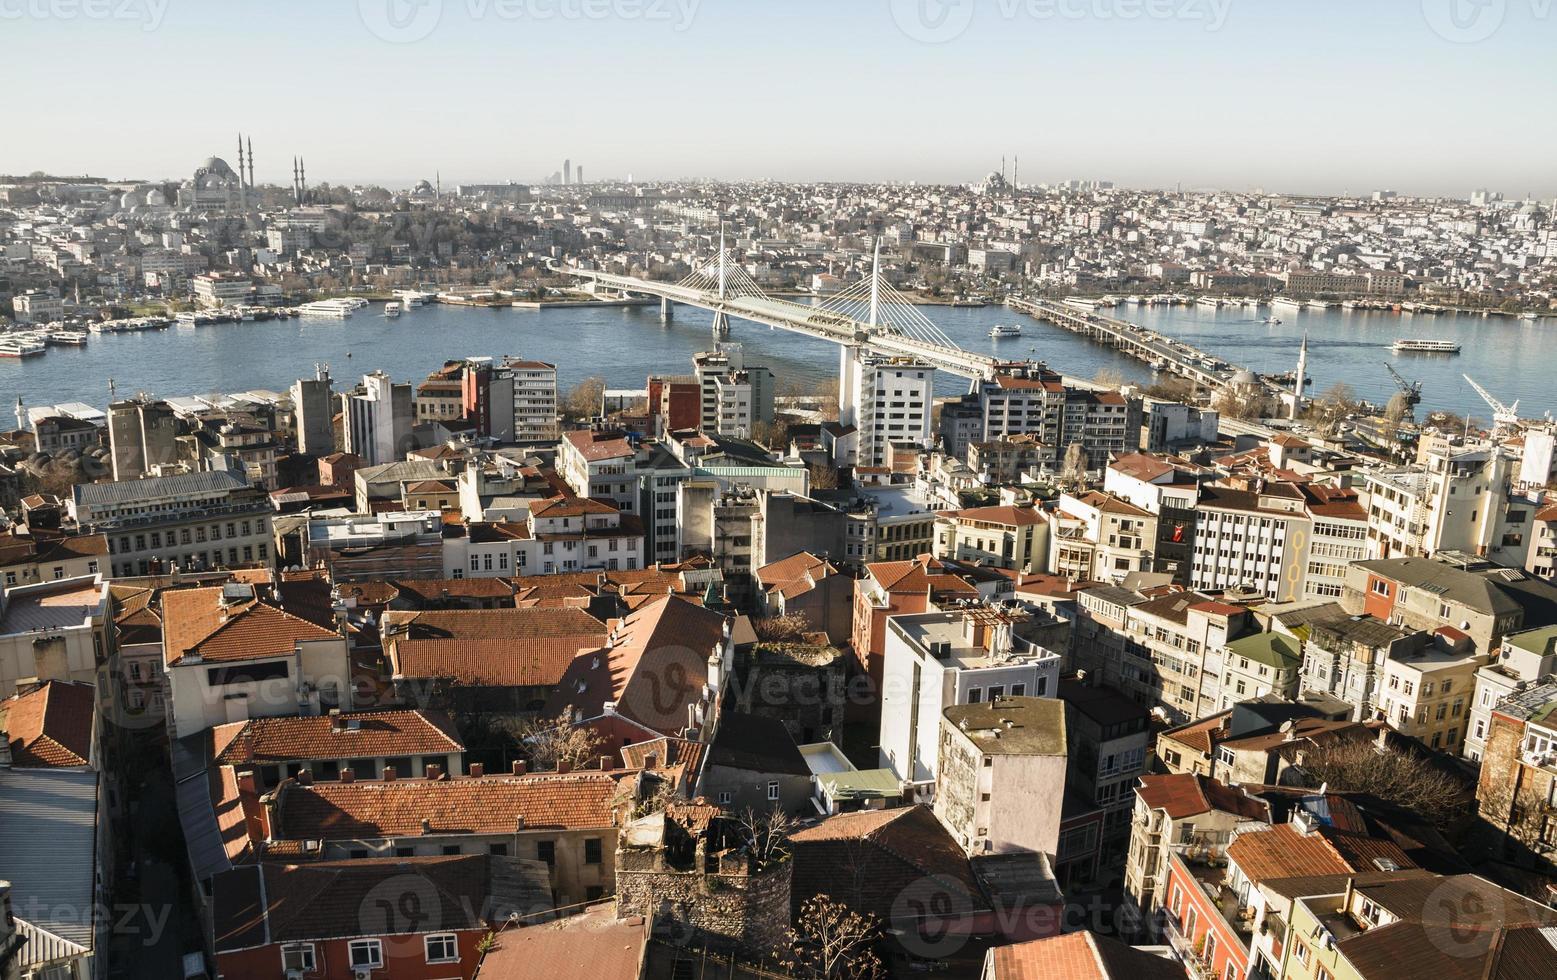 vista da cidade. panorama de Istambul. foto